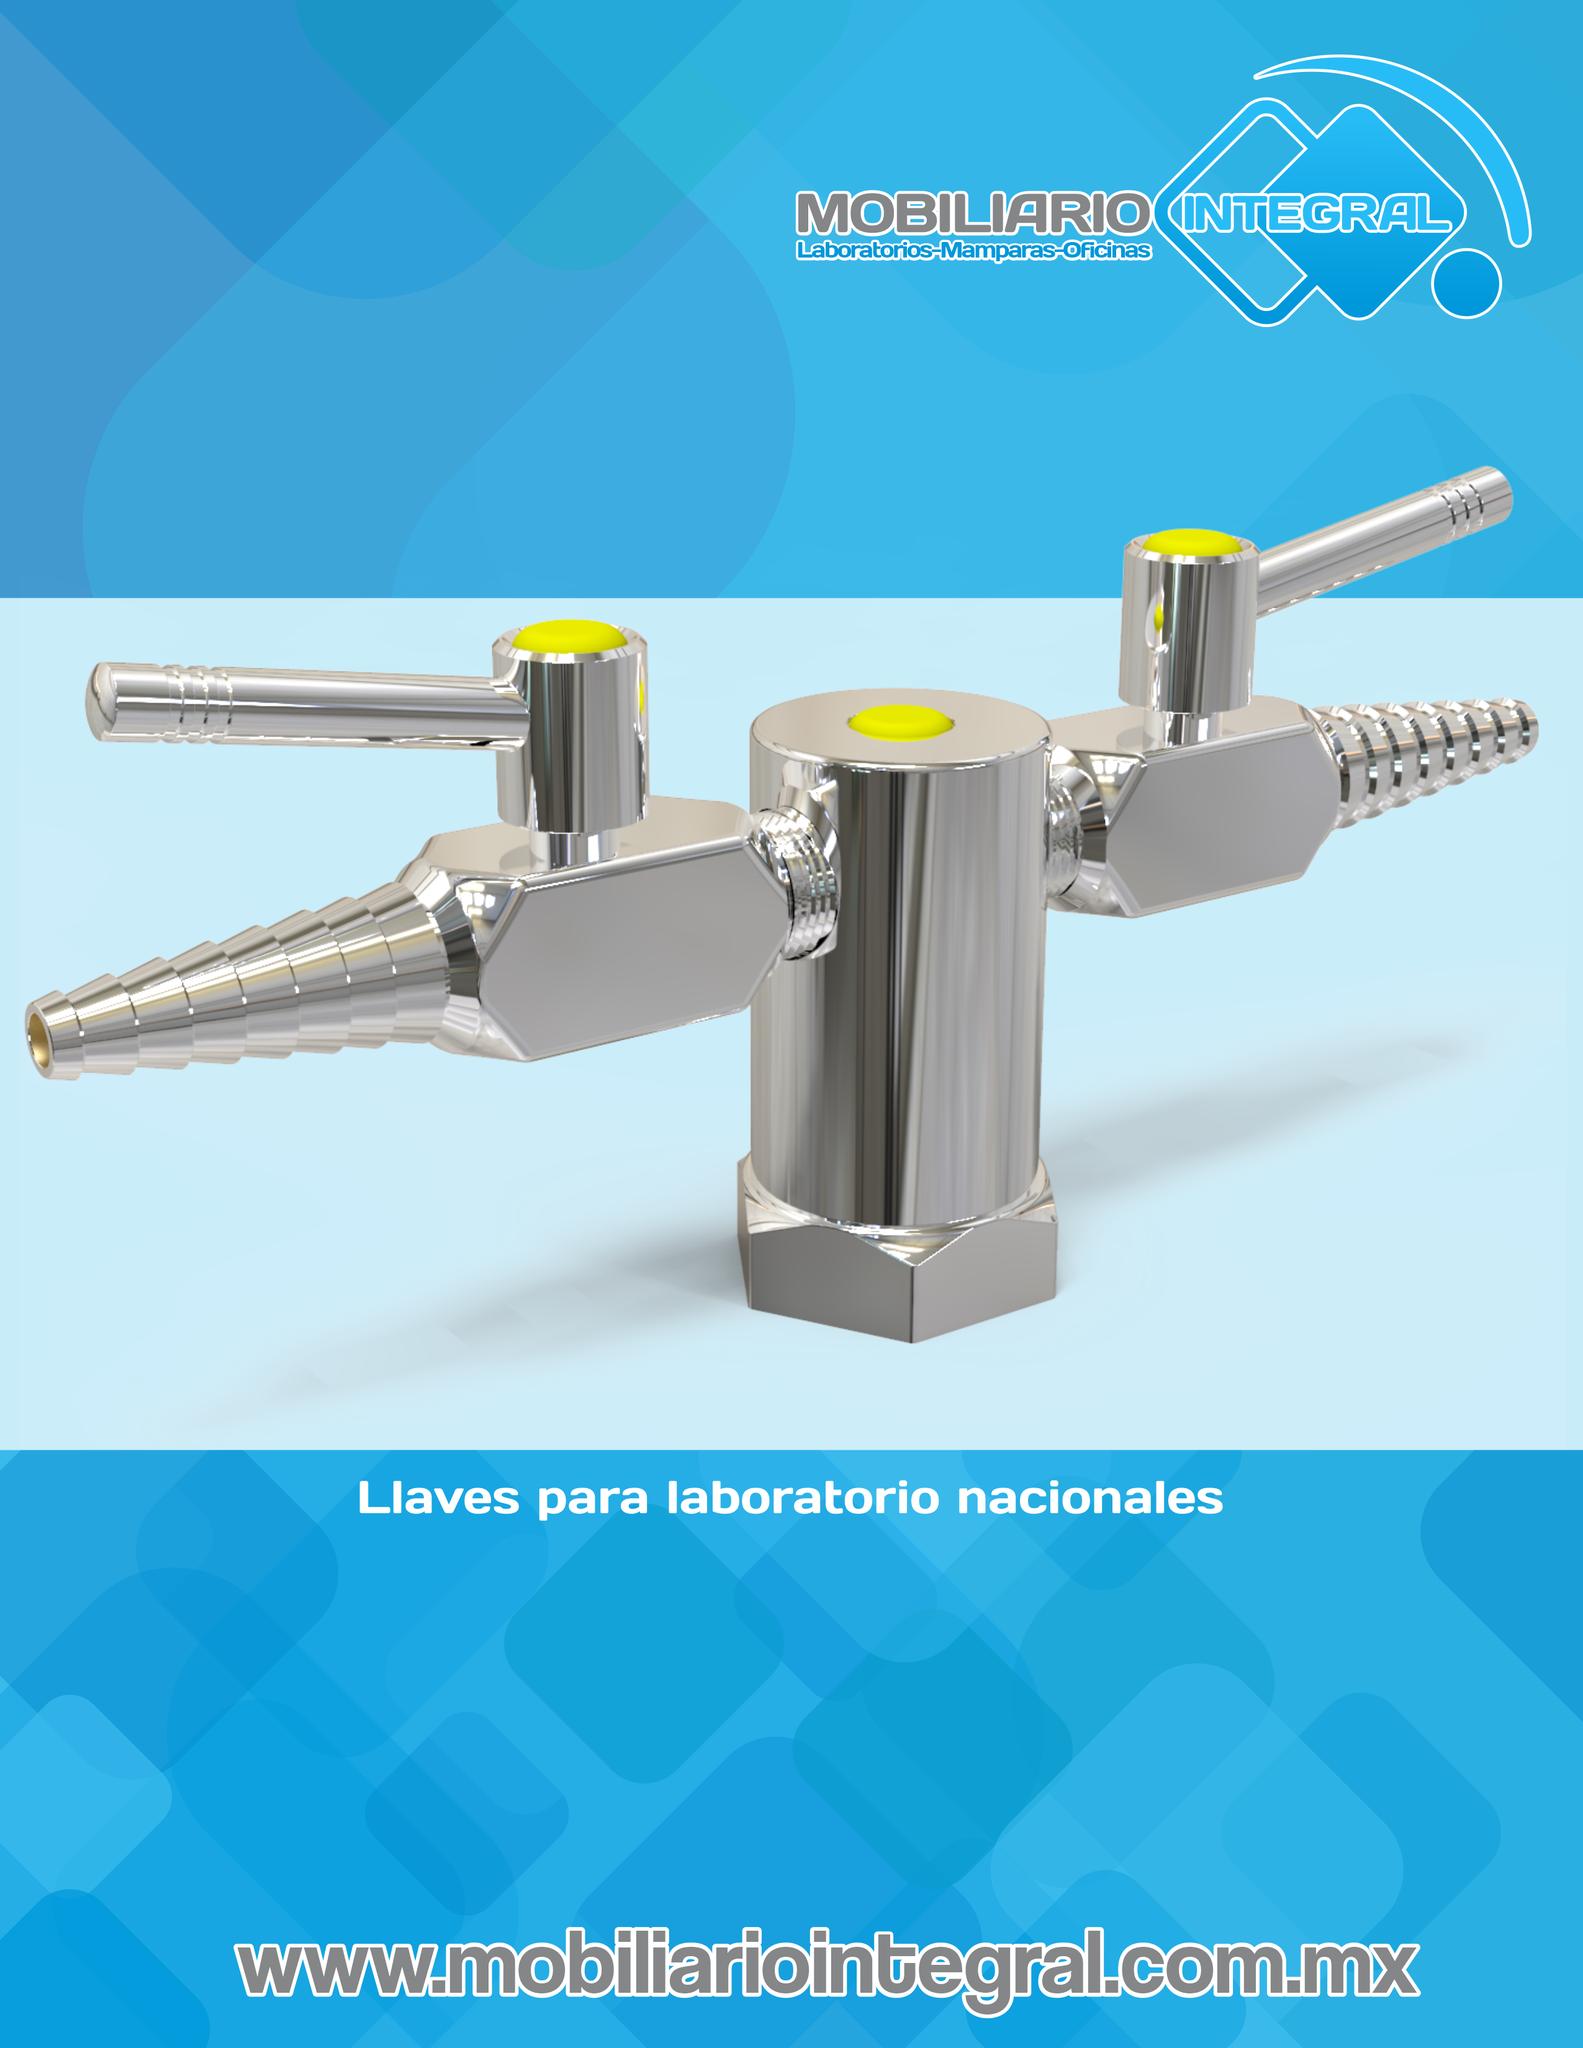 Llaves para laboratorio en Ecatepec